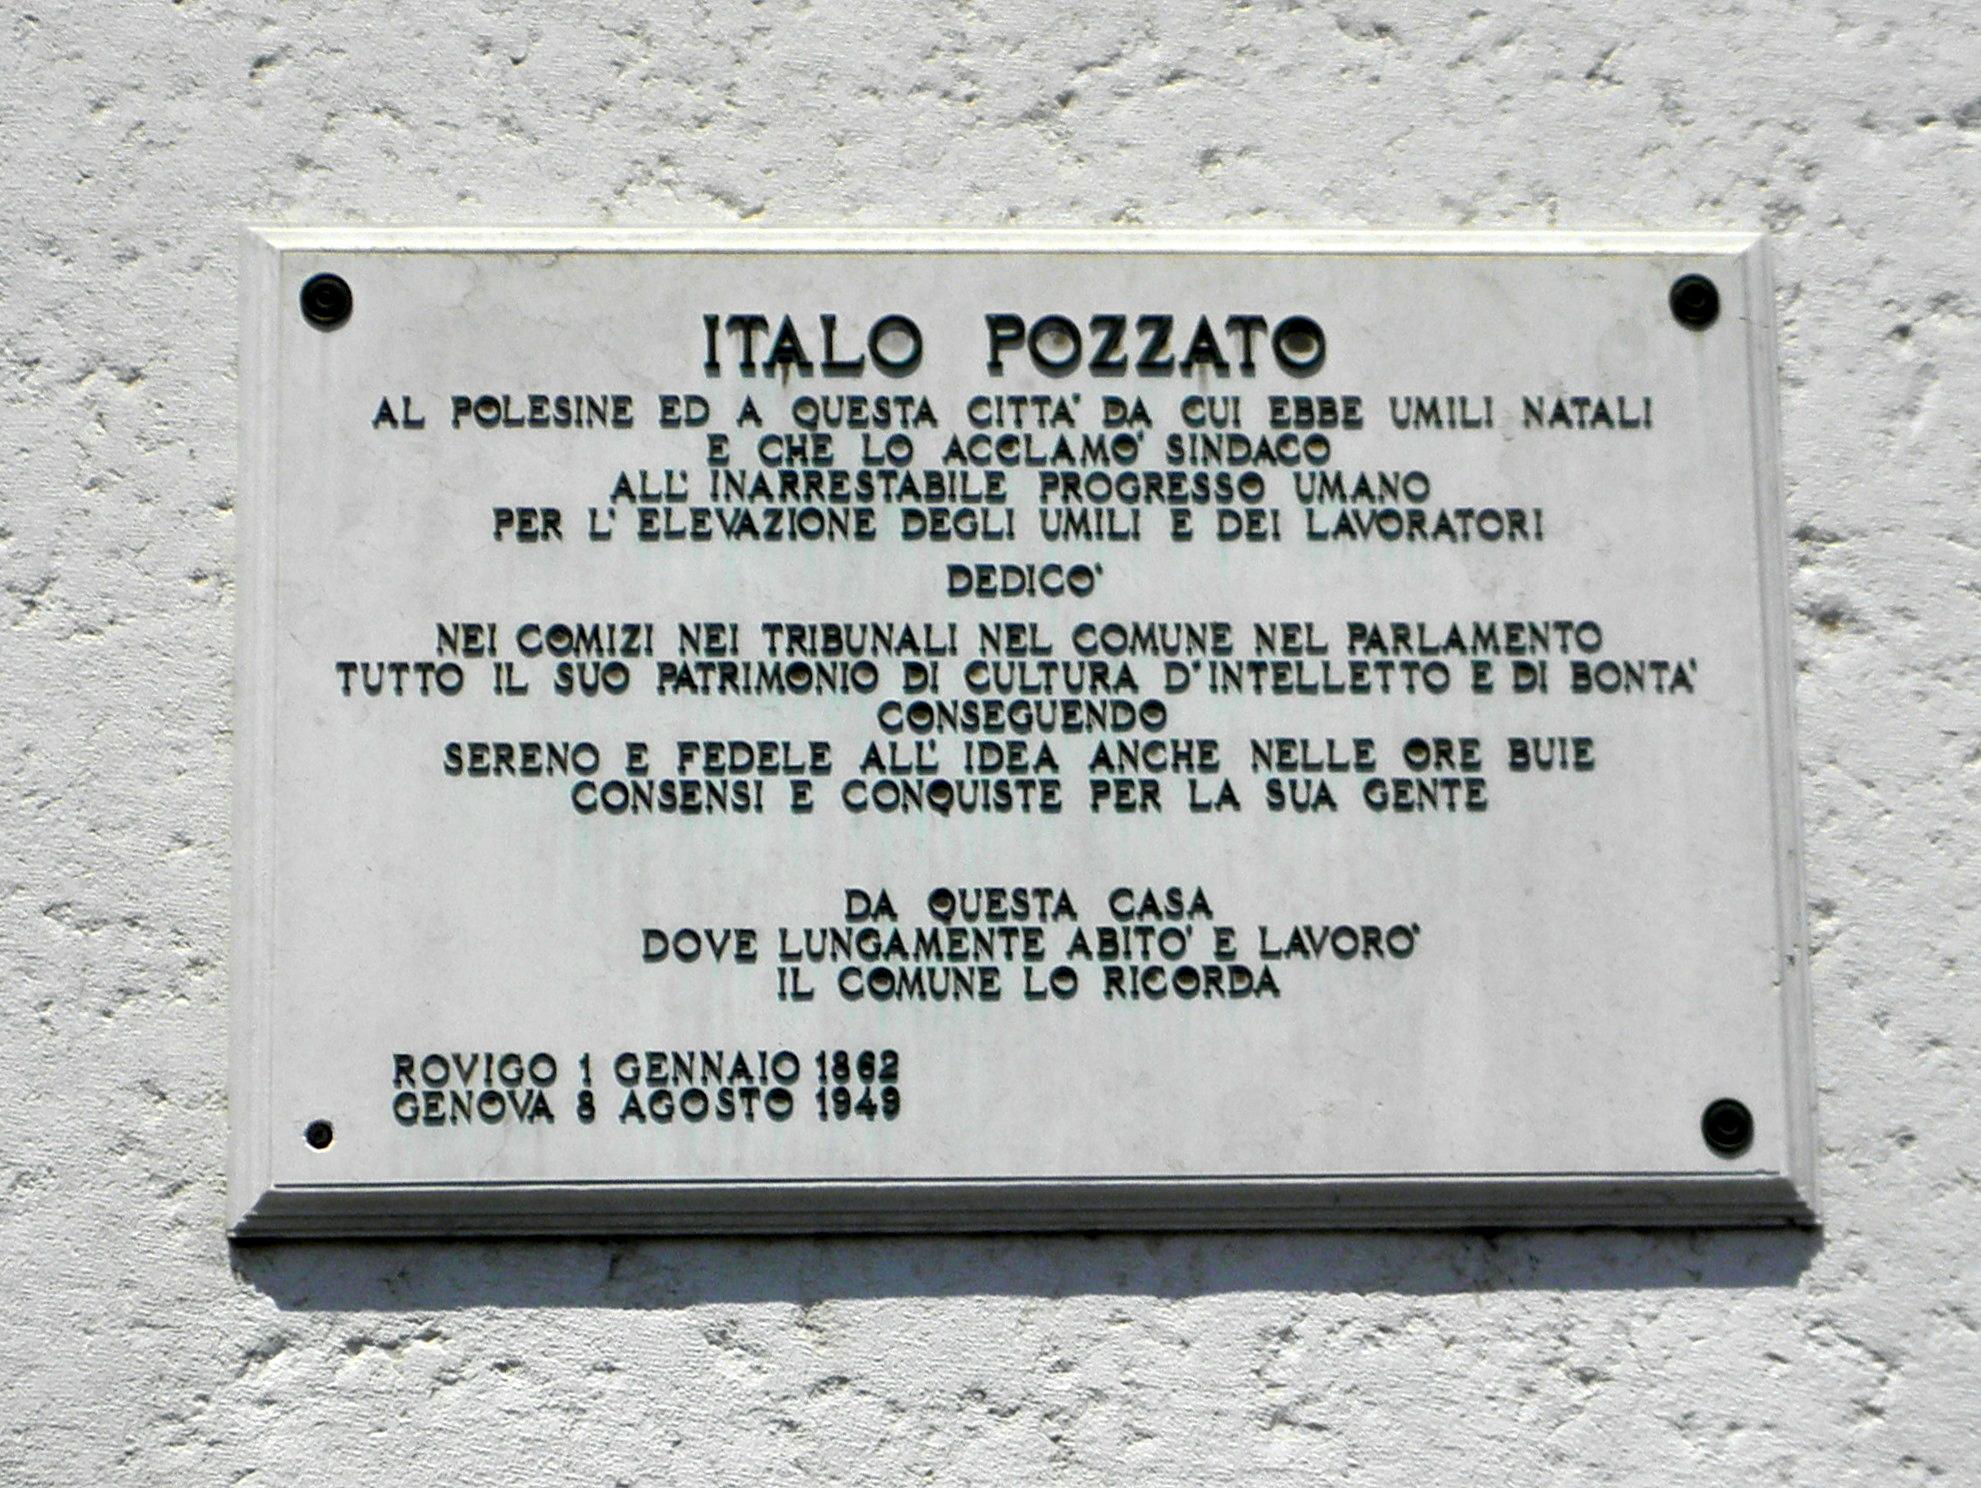 File:Palazzo Ravenna, plaque to Italo Pozzato (Rovigo).jpg ...